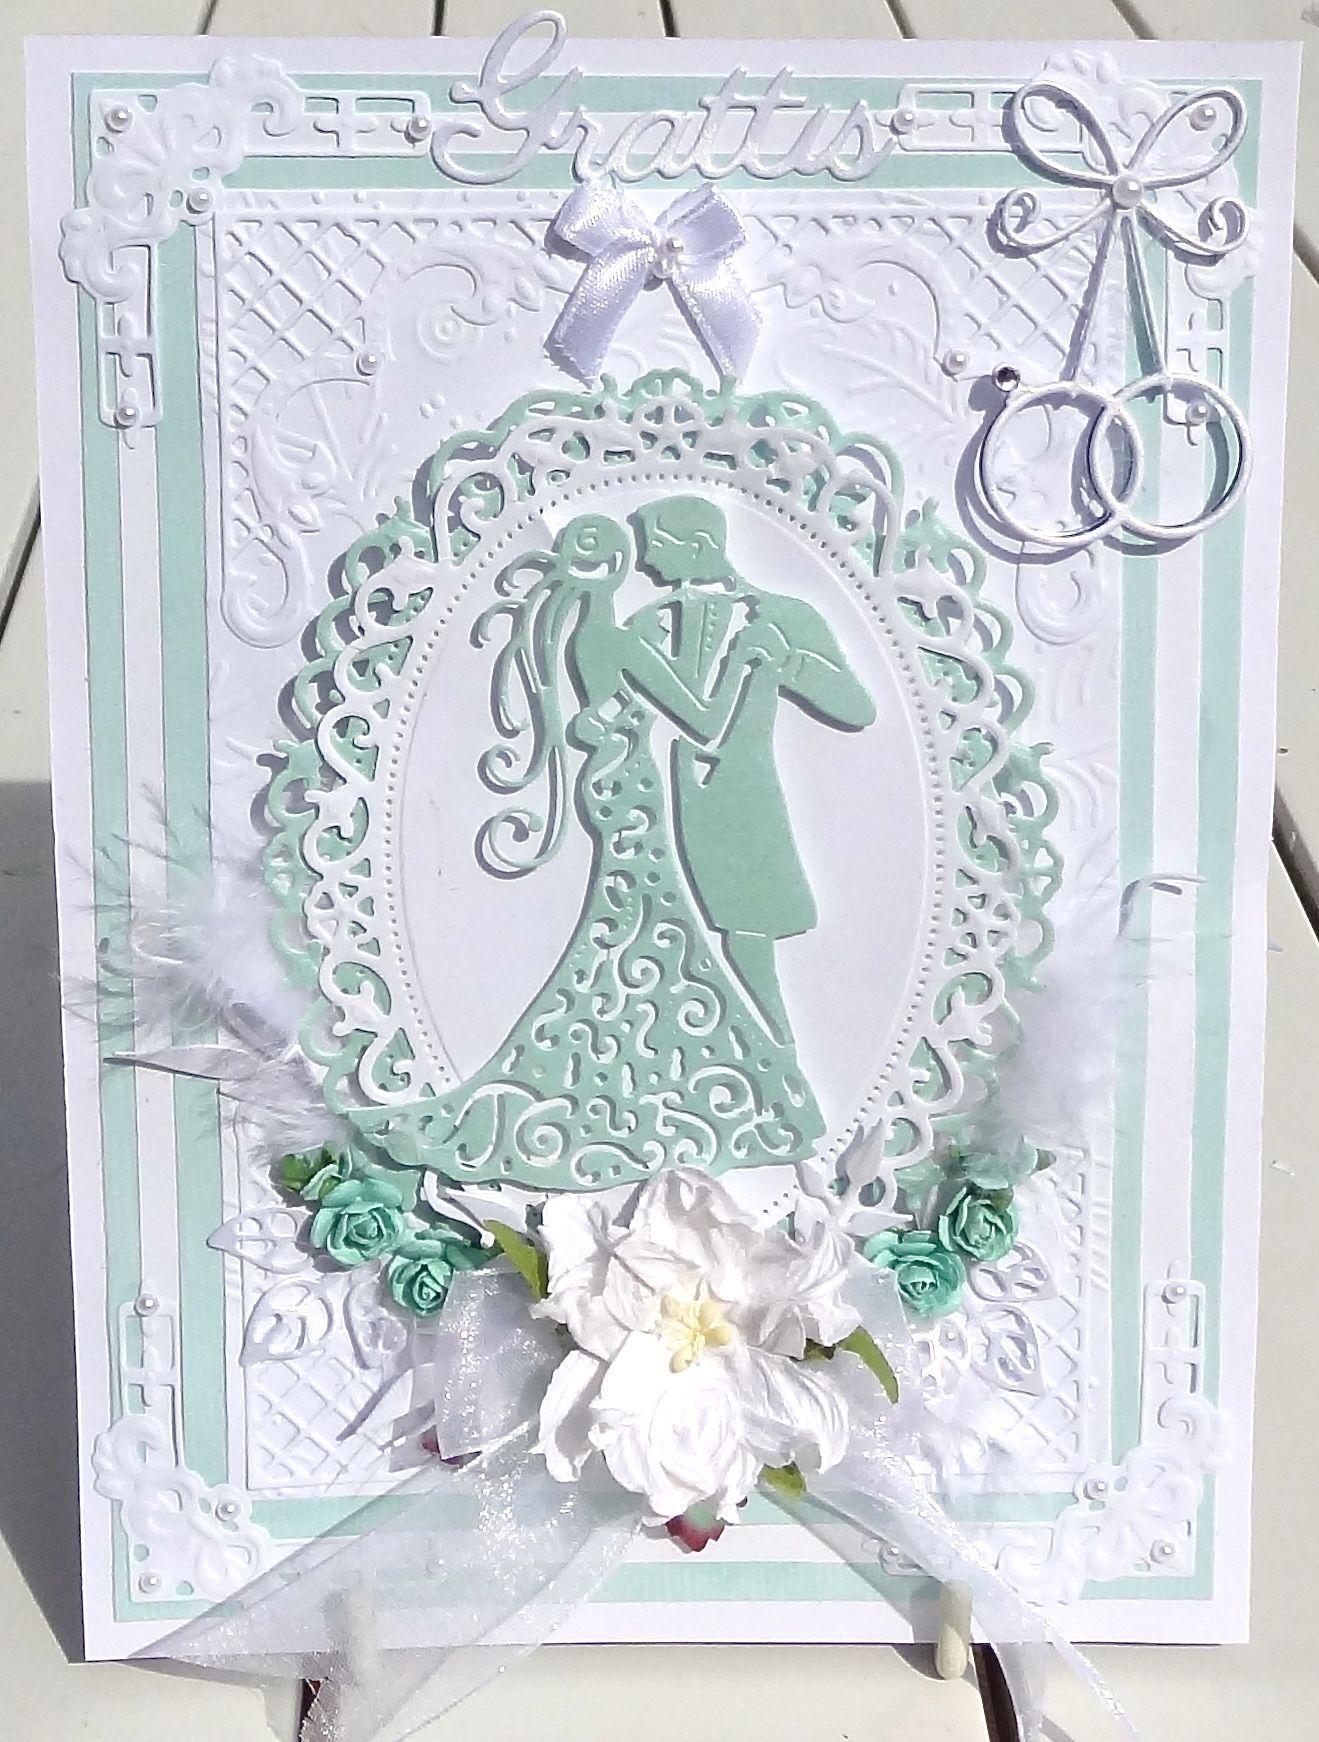 grattis brudpar Ett Grattis kort till ett brudpar. Har använt mig av följande  grattis brudpar